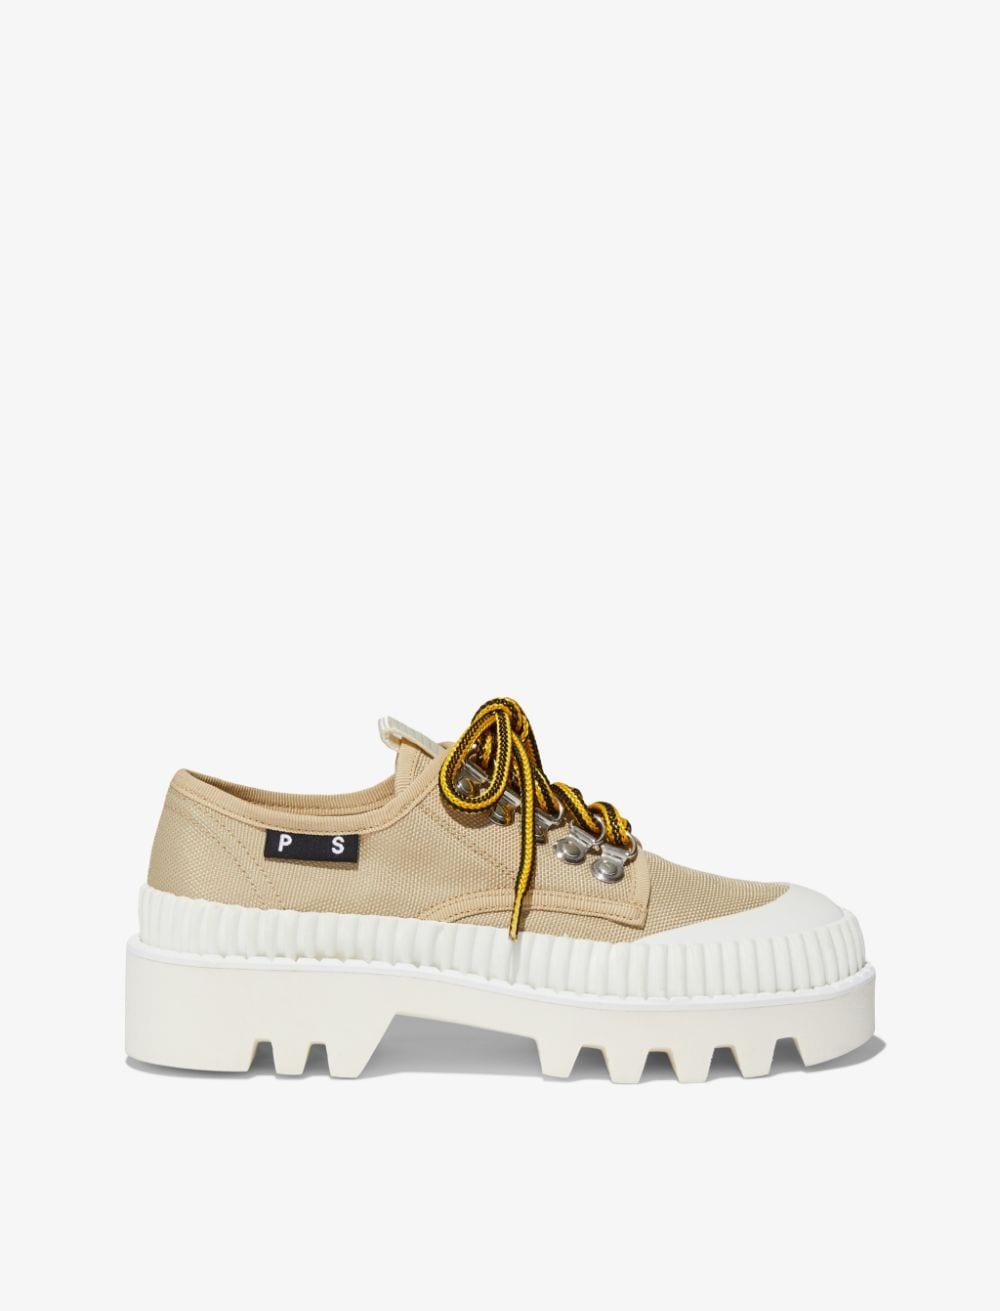 Proenza Schouler City Lug Sole Shoes beige + white/neutrals 39